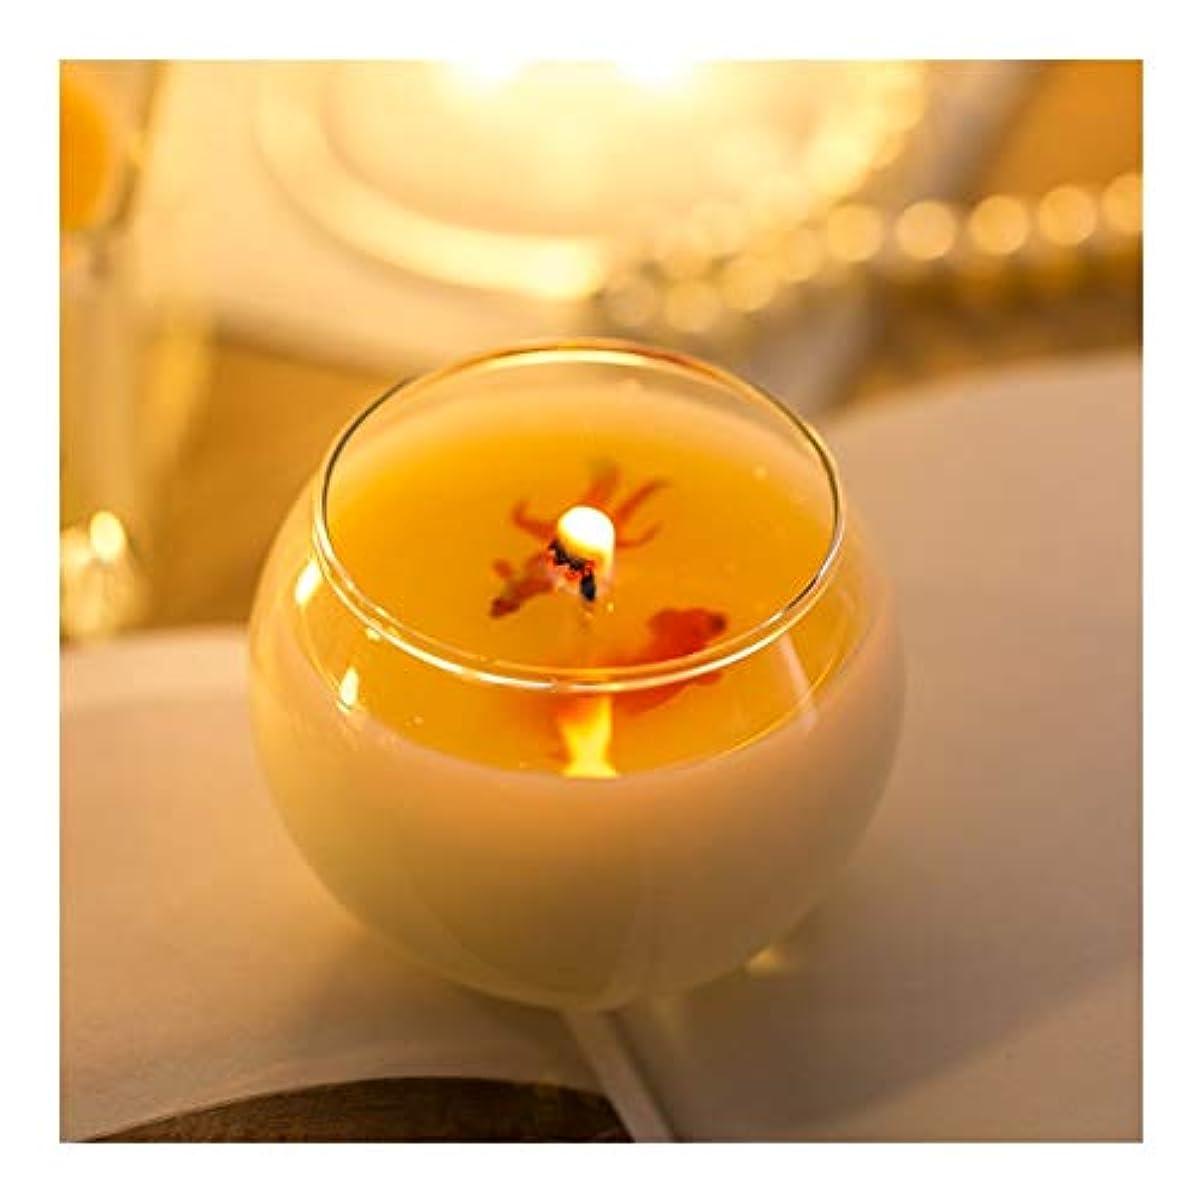 馬鹿自治バージンGuomao 小箱入りアロマゴールドフィッシュキャンドルロマンチックホリデーギフトピュアカラーゴールドフィッシュキャンドル (色 : Green tea)